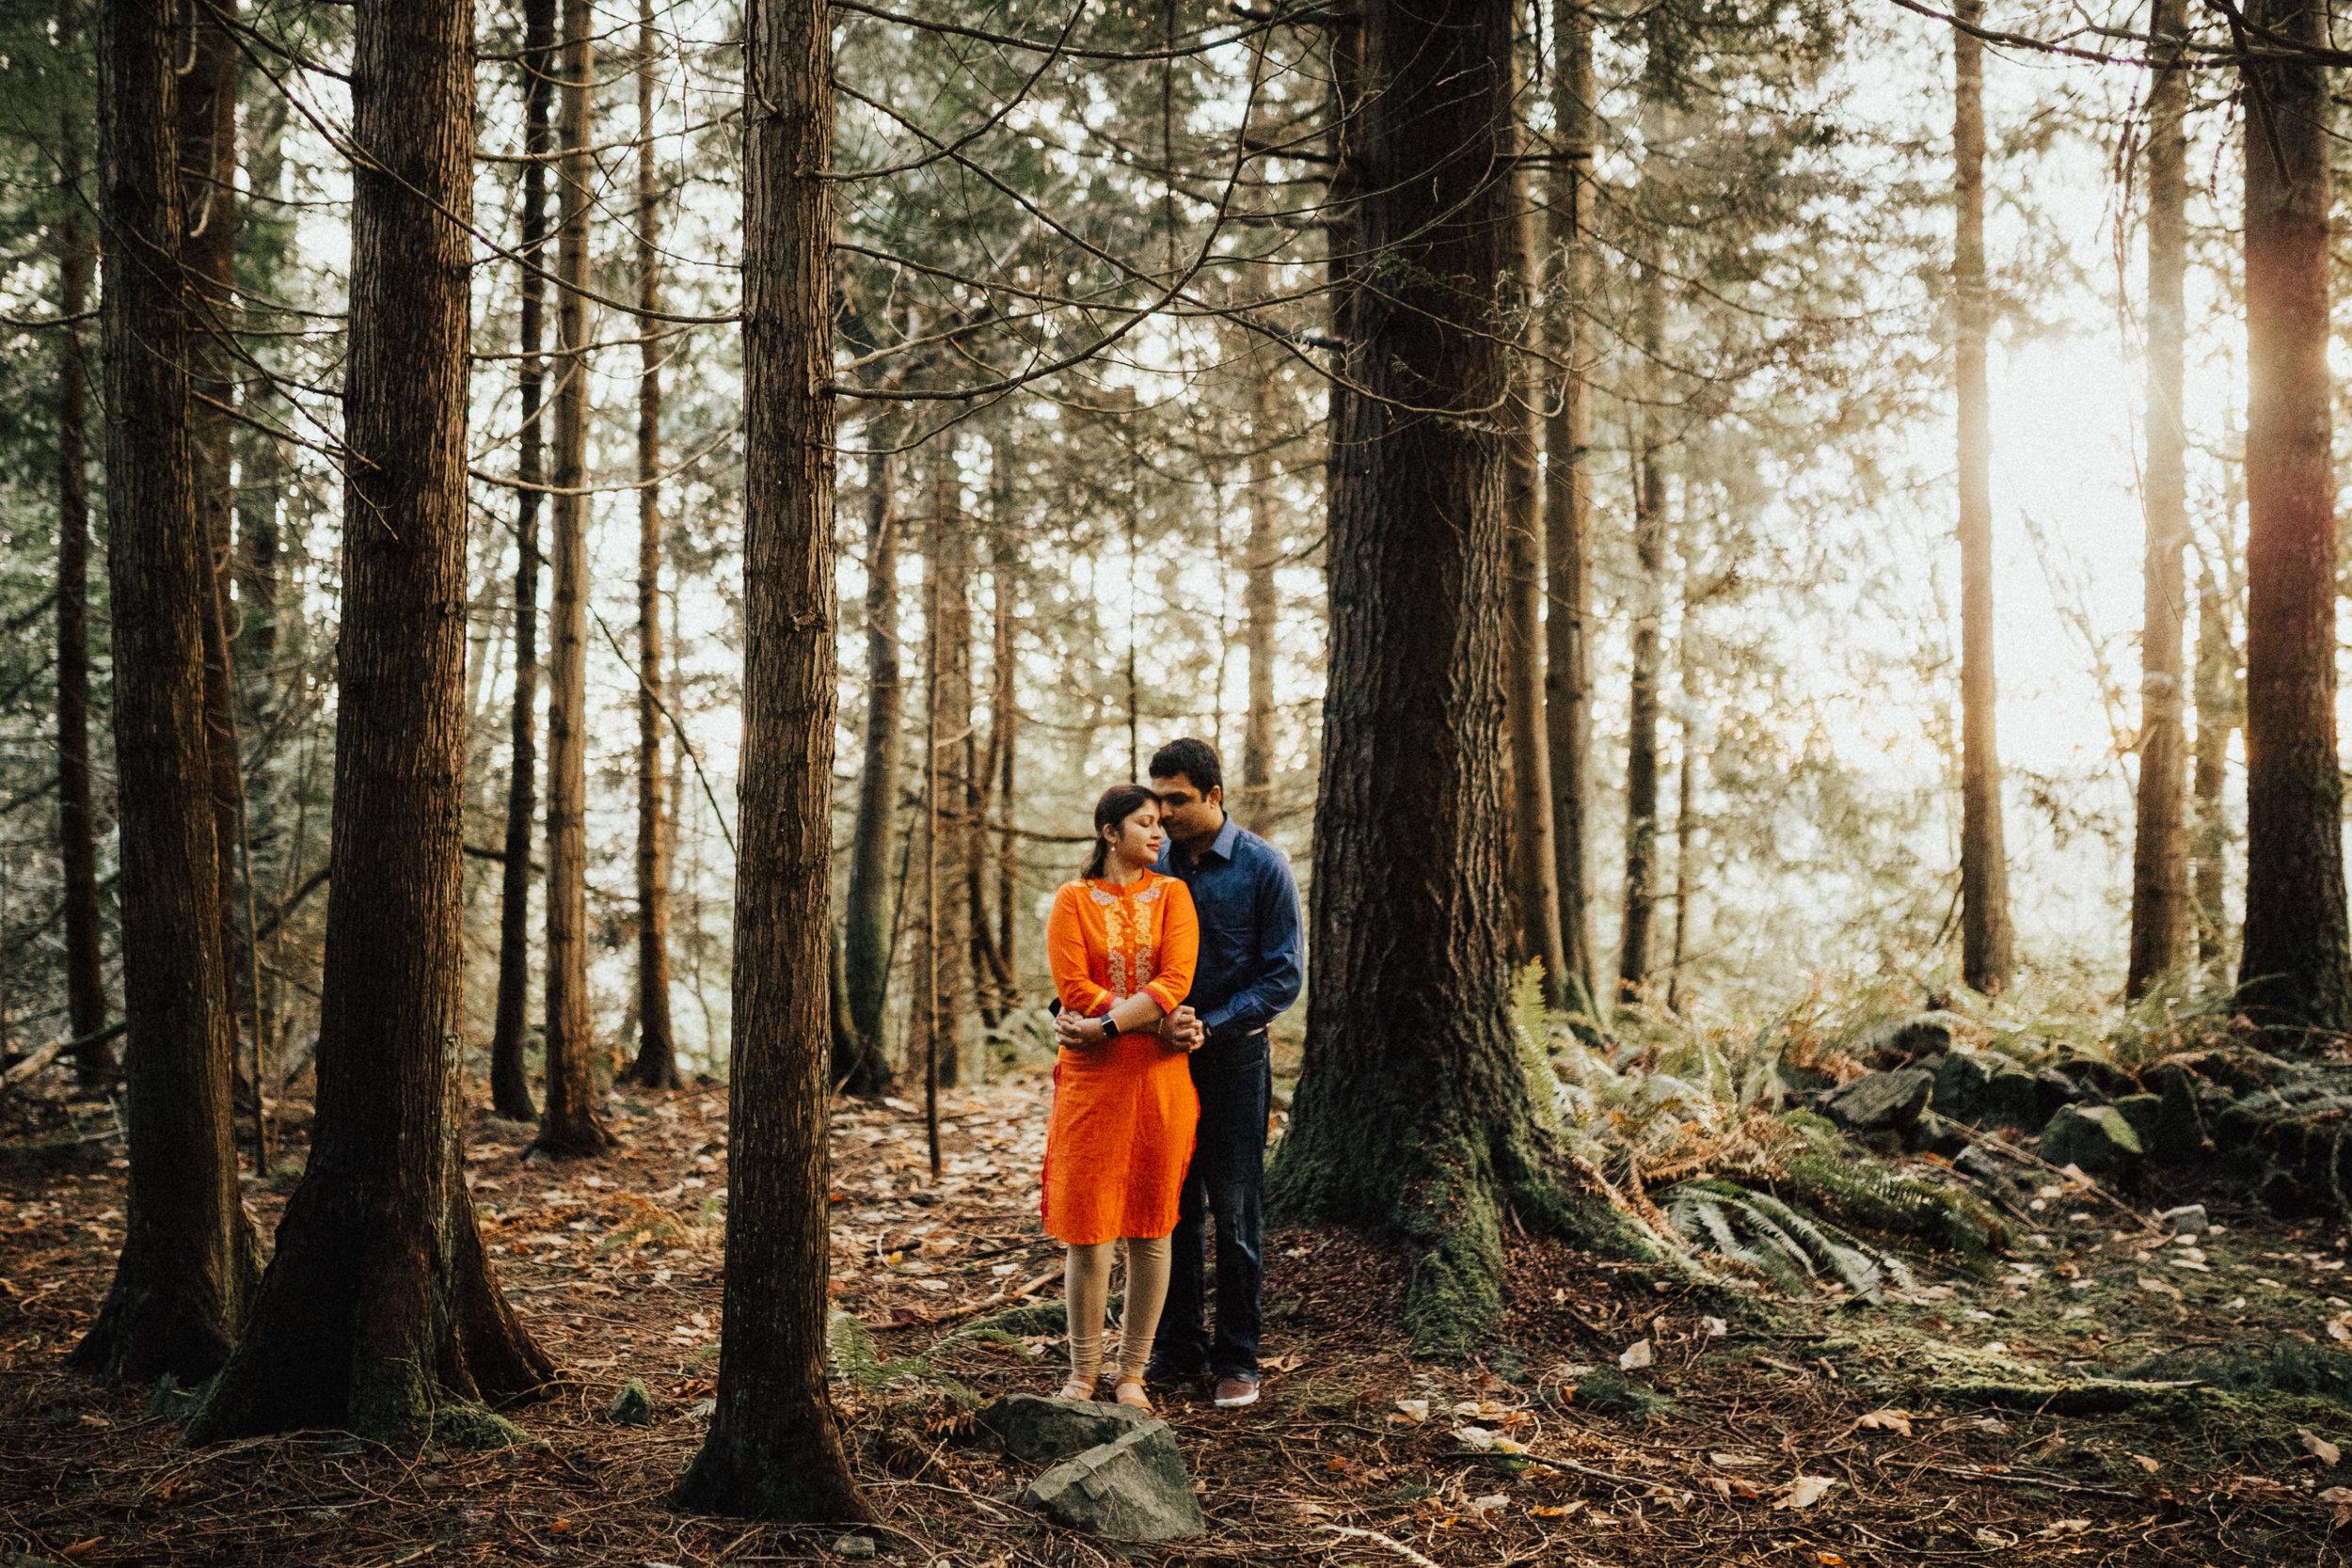 Seattle Engagement Photography - Seattle Wedding Photographer - Washington Couple's Session - Squak Mountain, WA - PNW Wedding Photographer - Portland Wedding Photographer - Engagement Session - Adventure Session